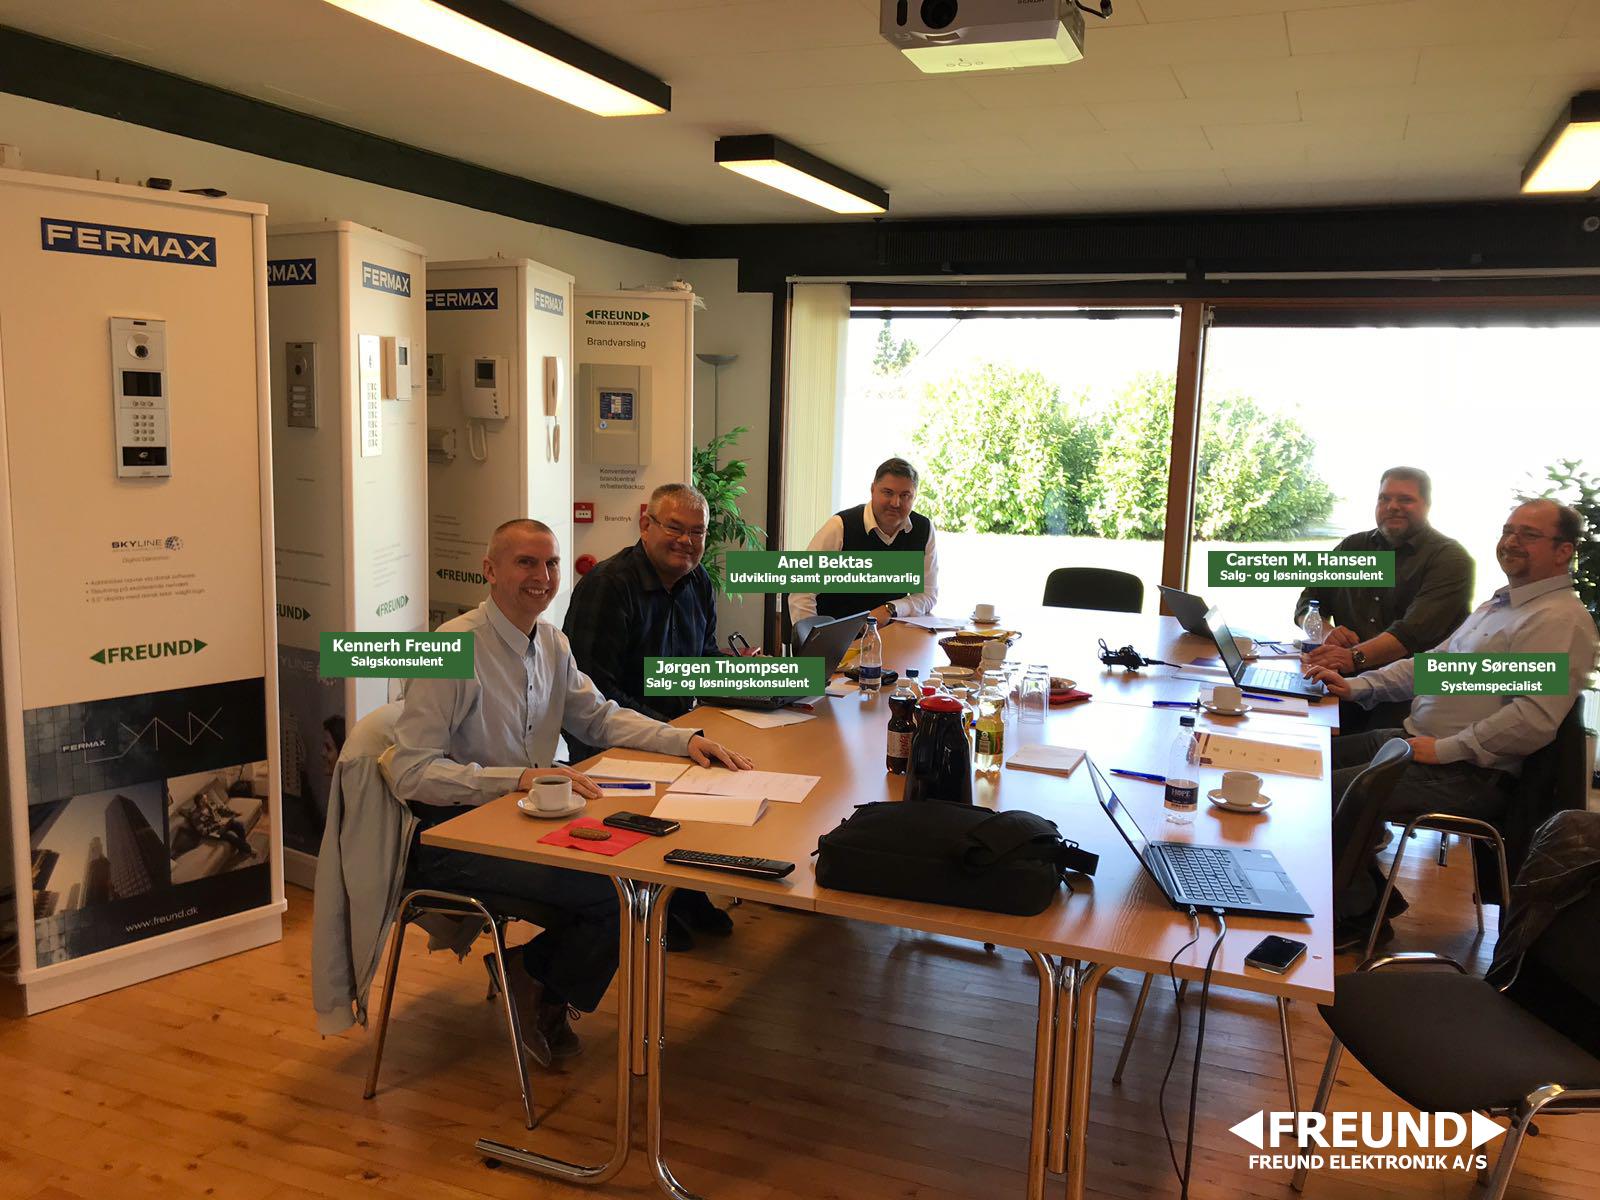 DUOX seminar- Team Freund har gennemgået et seminar i Duox fra Fermax